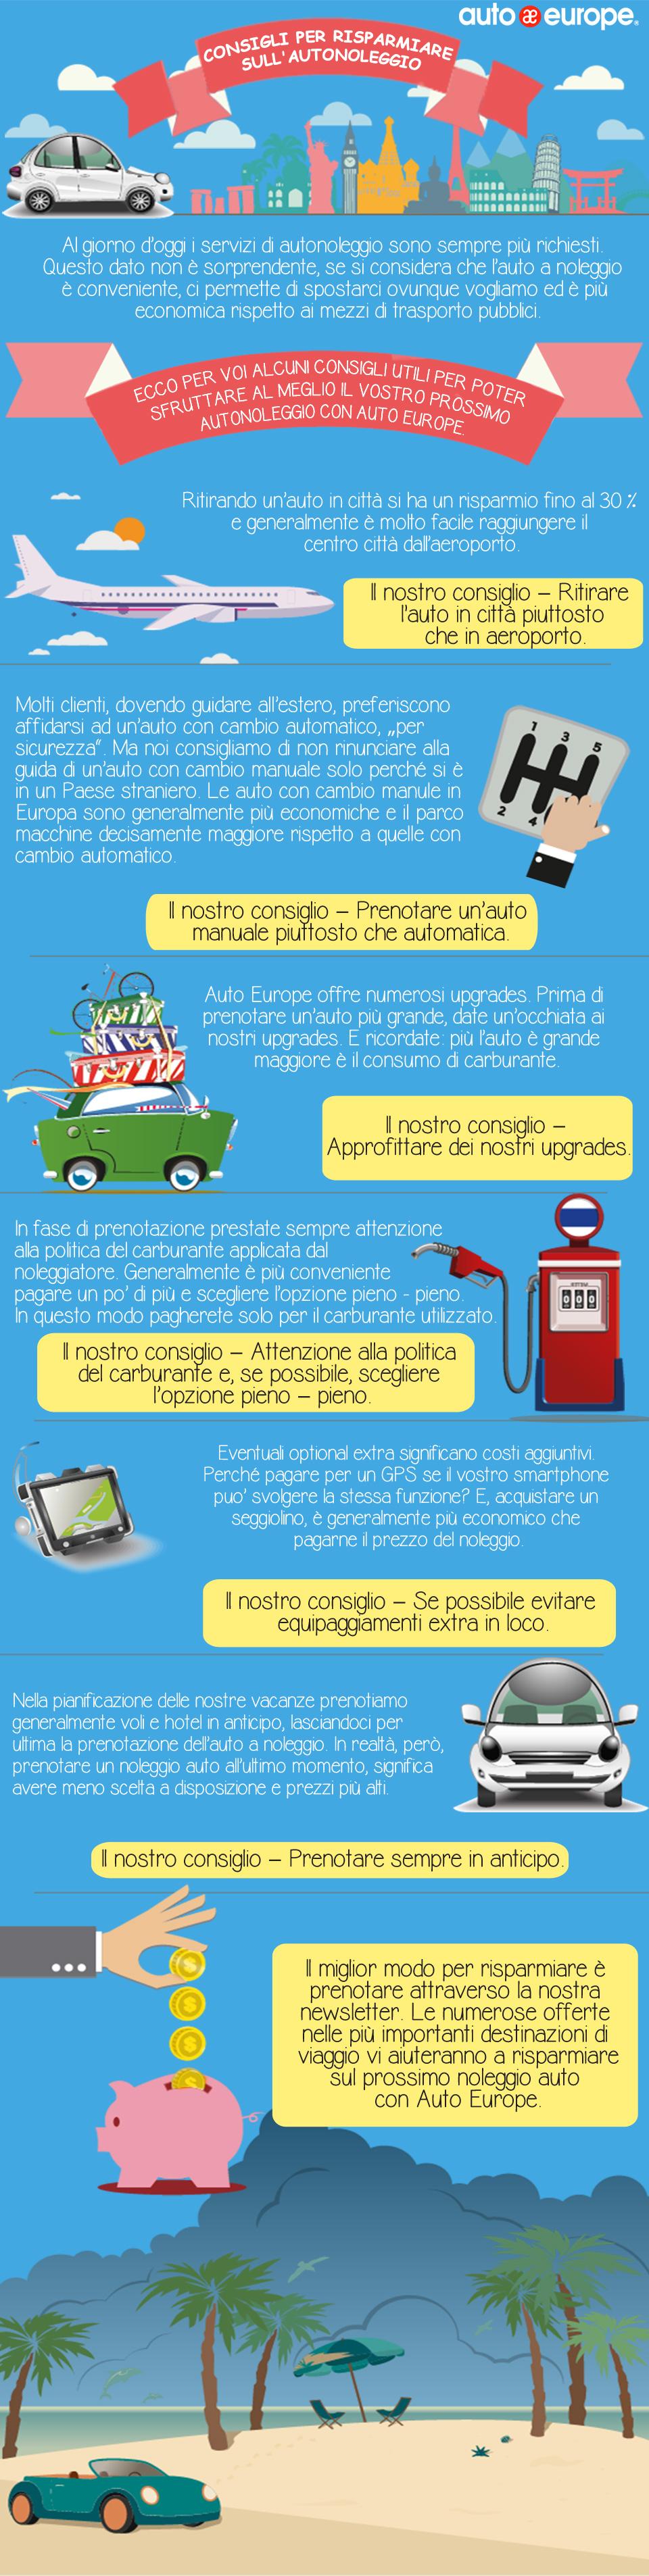 Consigli per risparmiare sull'autonoleggio